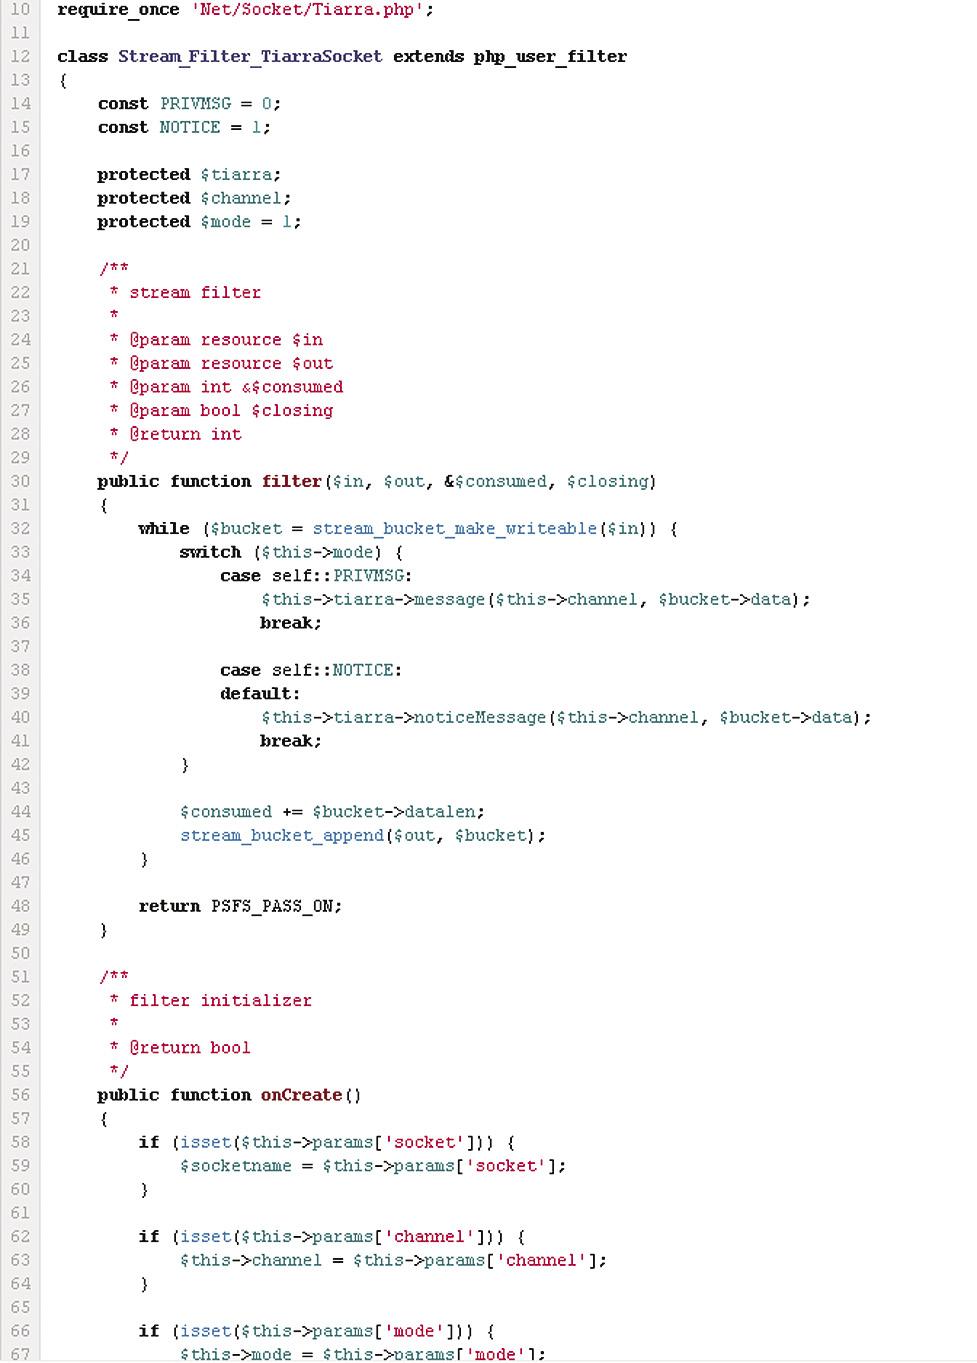 Сложный метод onCreate в пользовательском фильтре